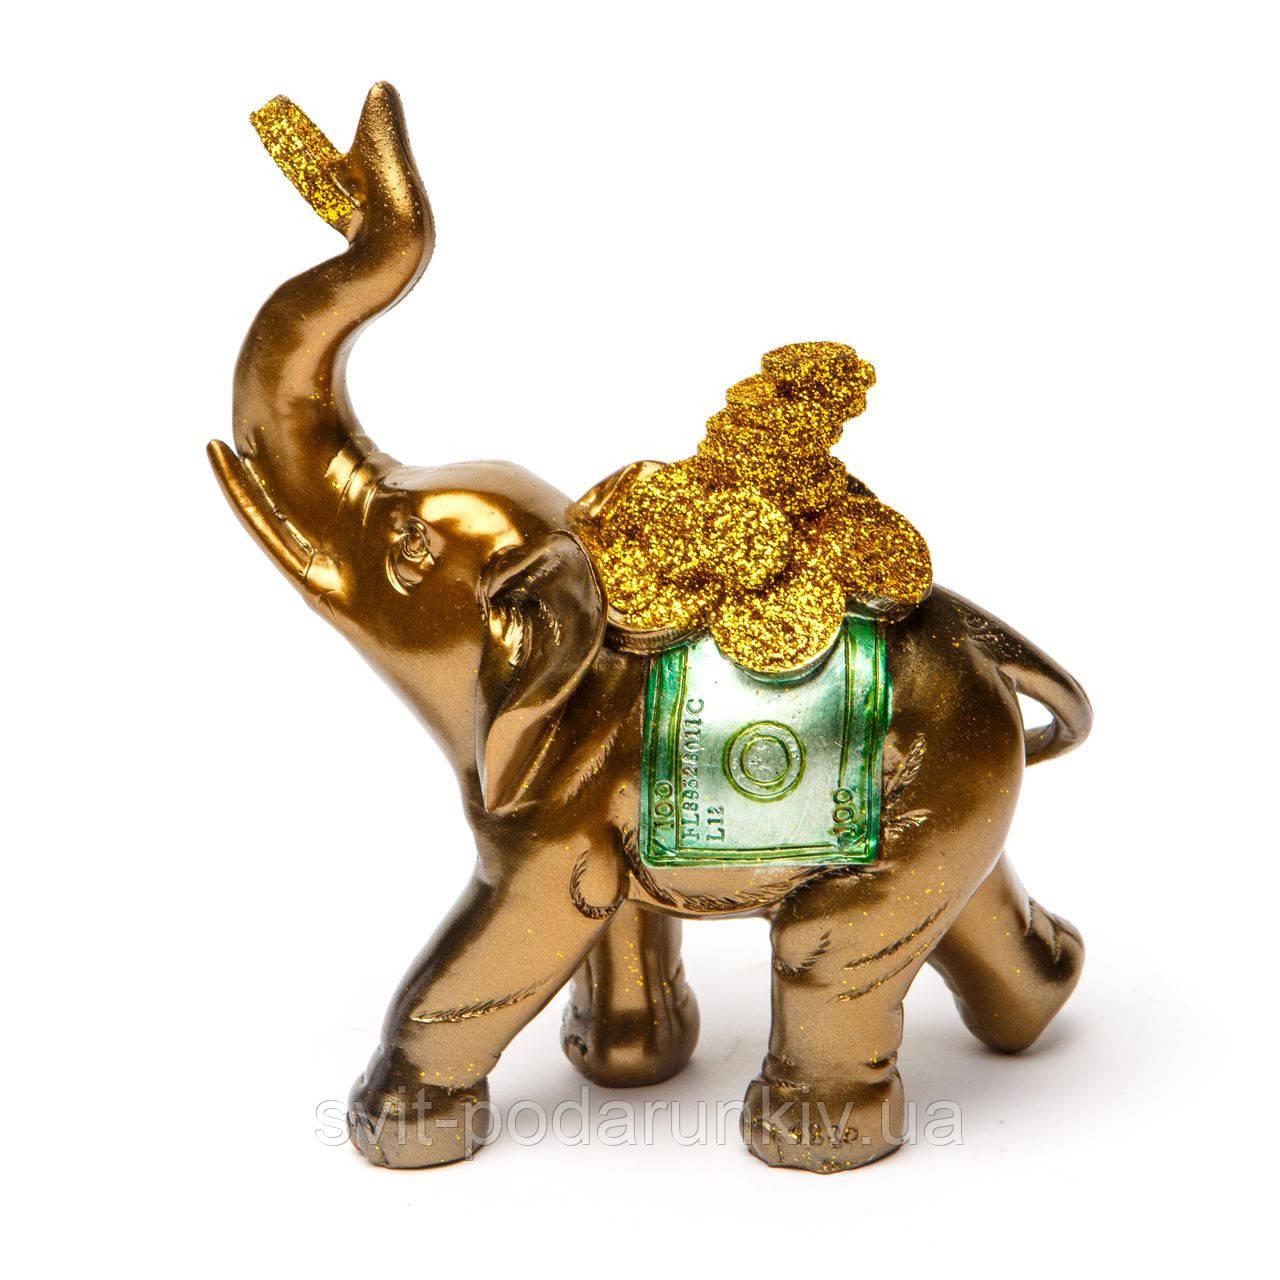 Статуэтка слона с монетками для увеличения благосостояния S4831